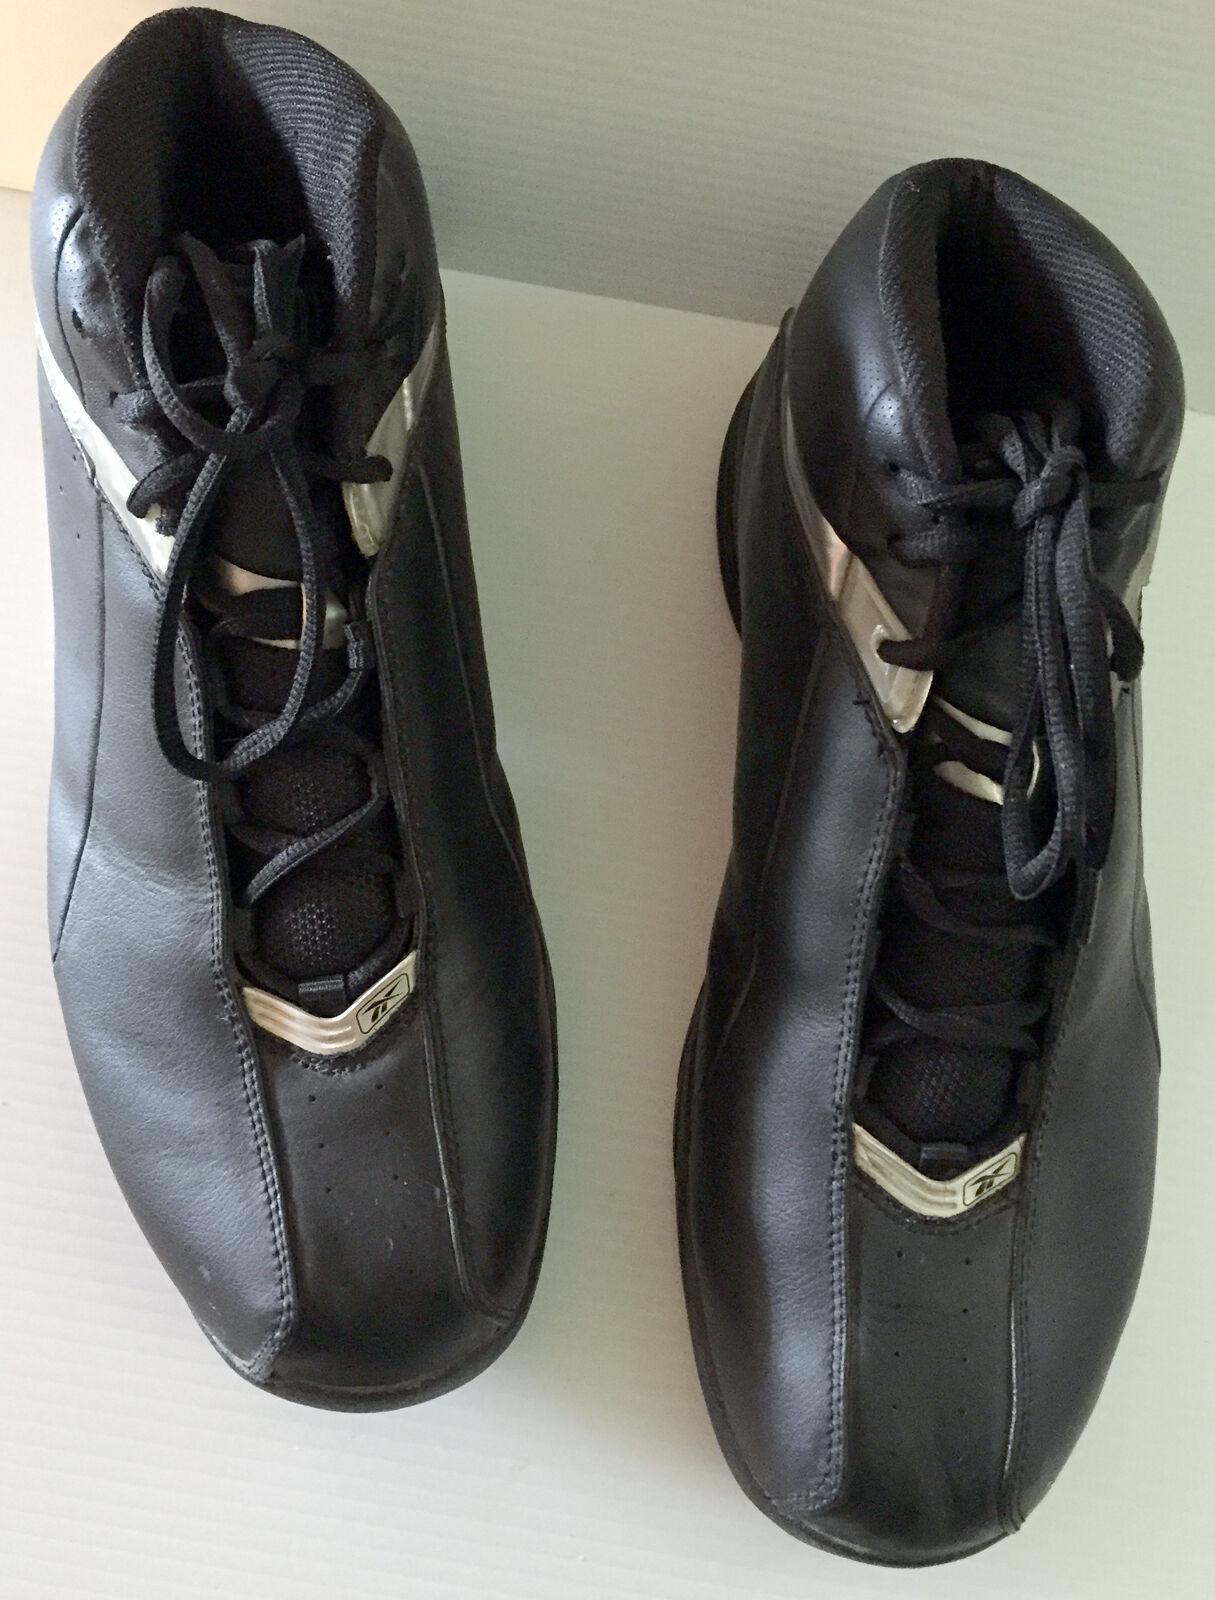 Auténticas Tenis de Baloncesto Reebok años 80 Mens Usa Negro Plata RB4-132089